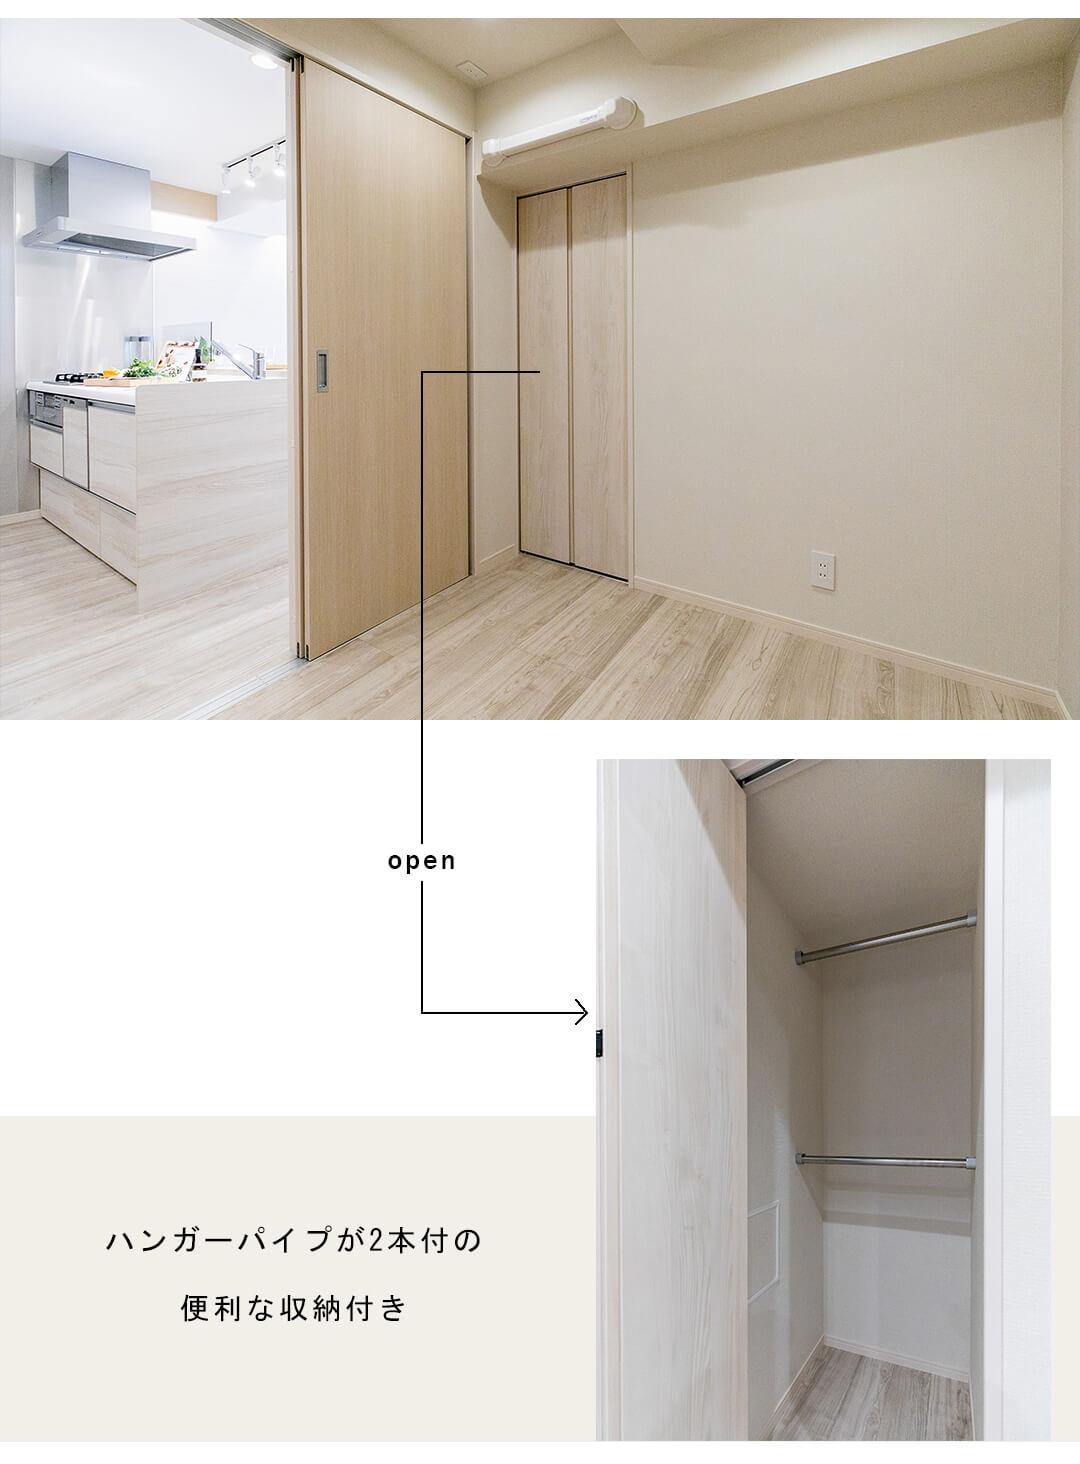 麻布永坂レジデンスの洋室